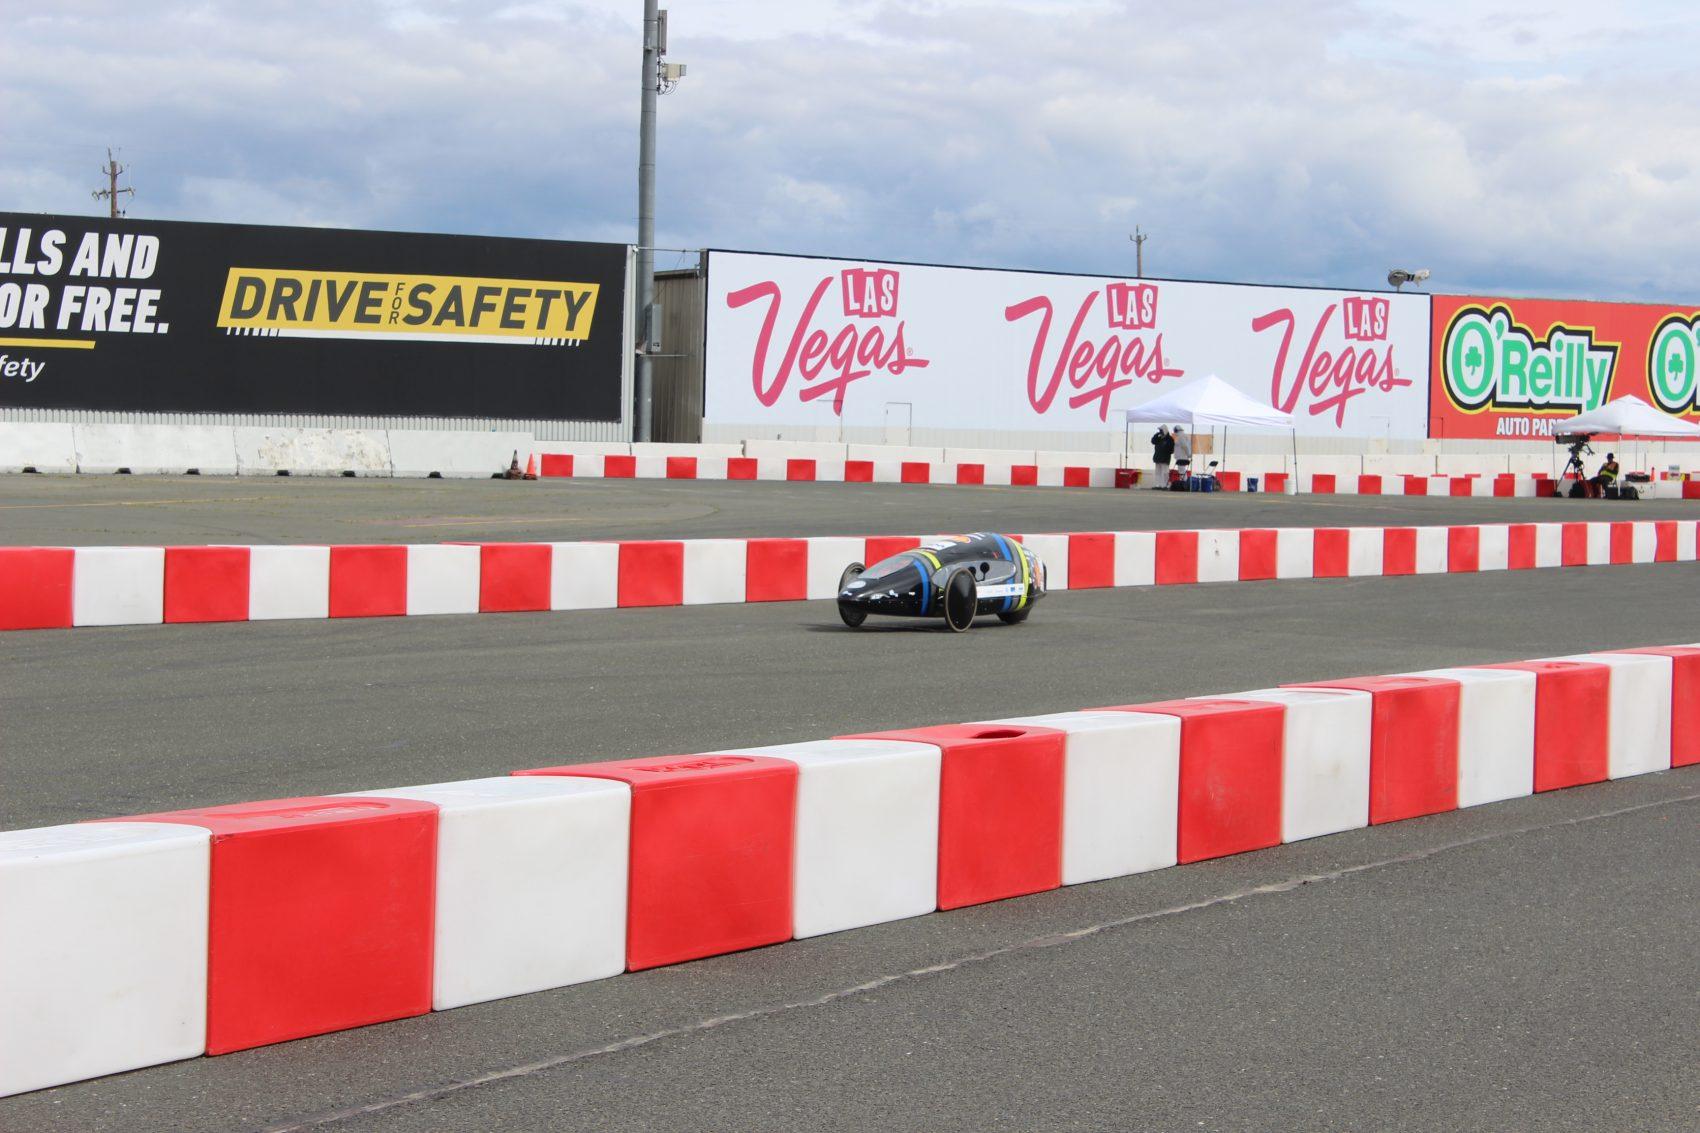 Carro da UFMG durante a competição nos Estados Unidos: feito de acrílico e fibra d e vidro para ser mais leve (Foto: Milhagem UFMG)